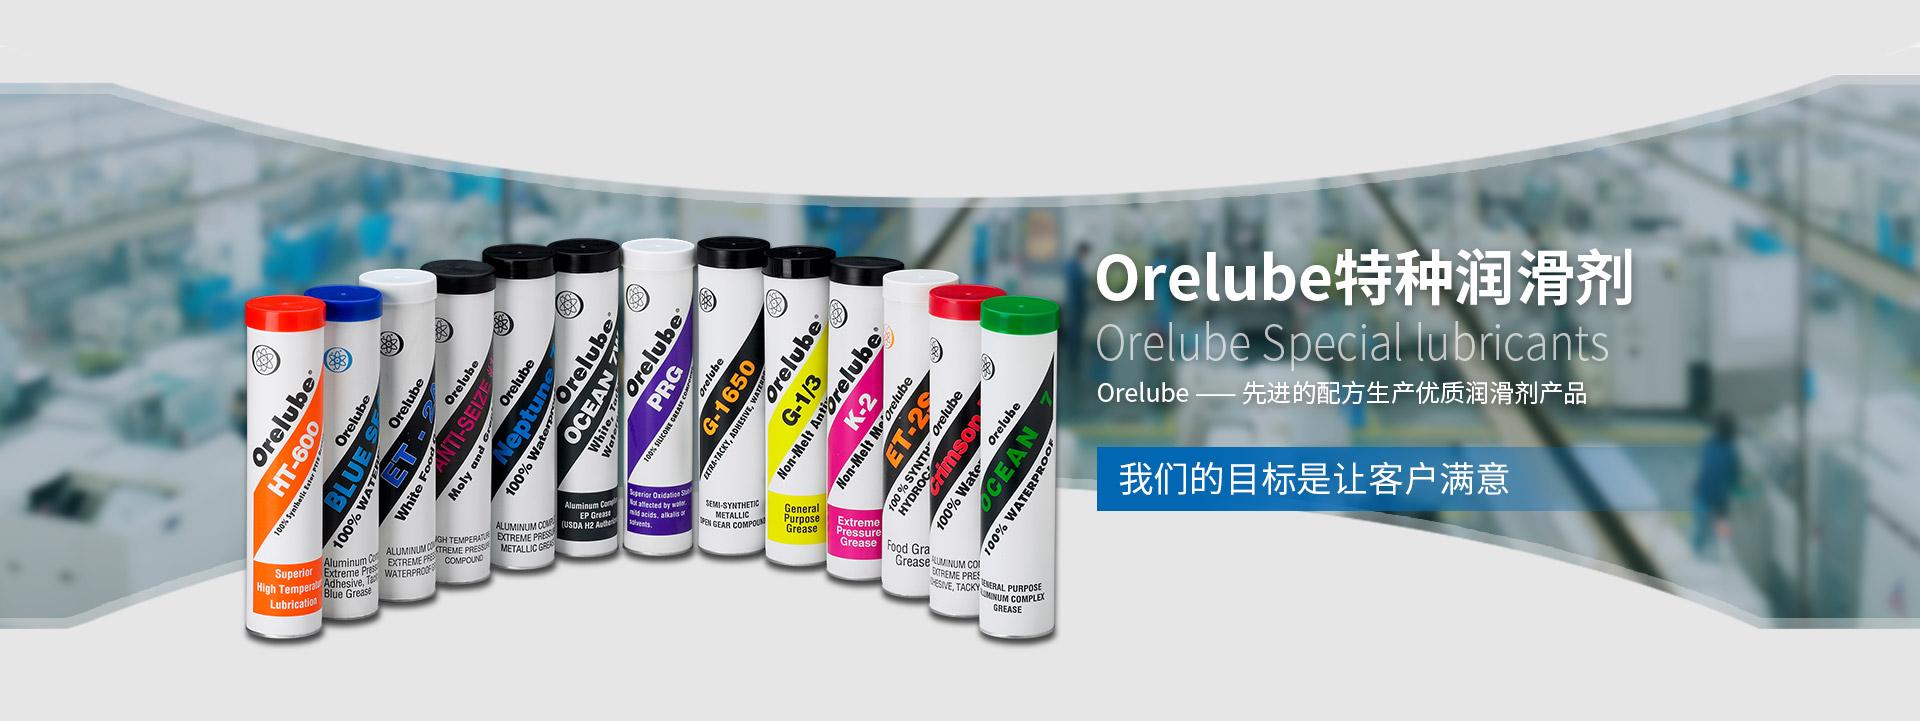 上海鸣华化工科技有限公司